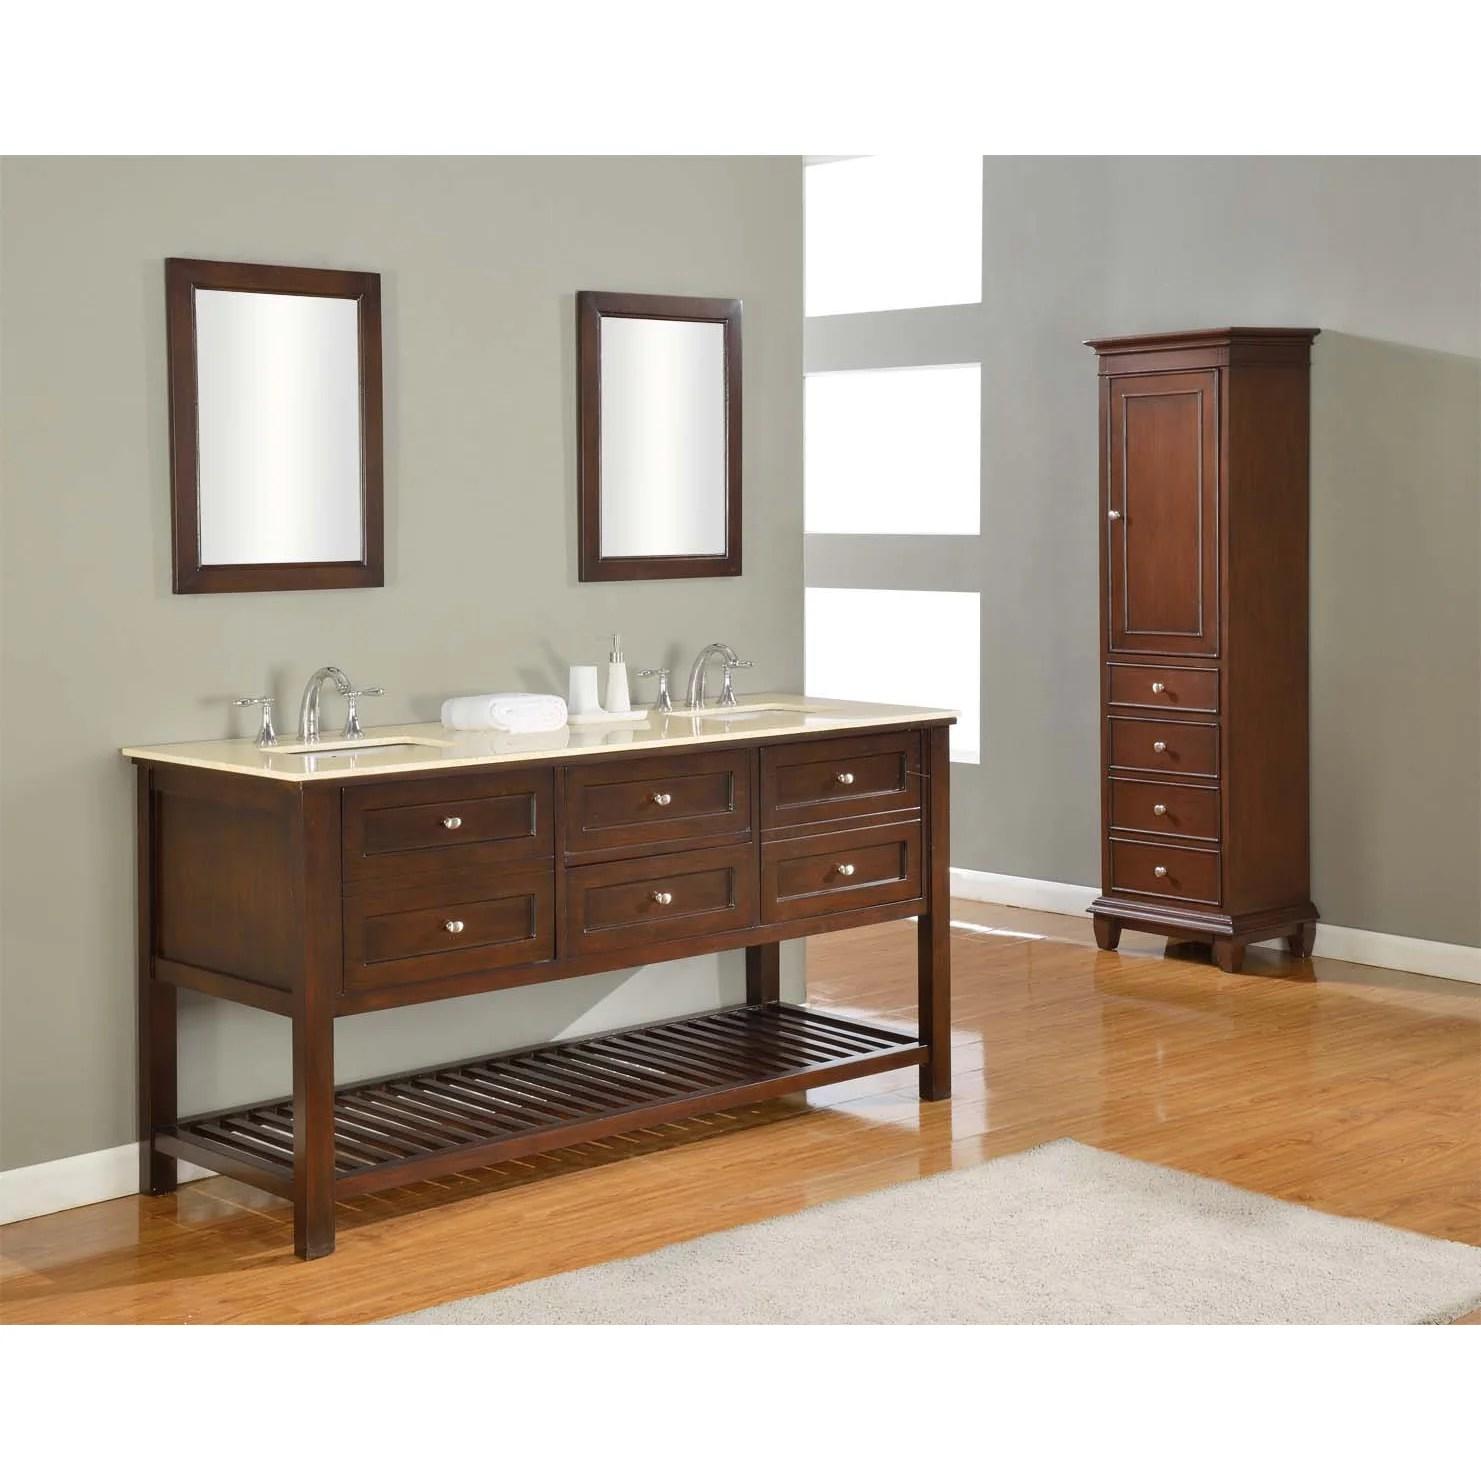 Direct Vanity Sink Mission Spa 70 Double Bathroom Vanity